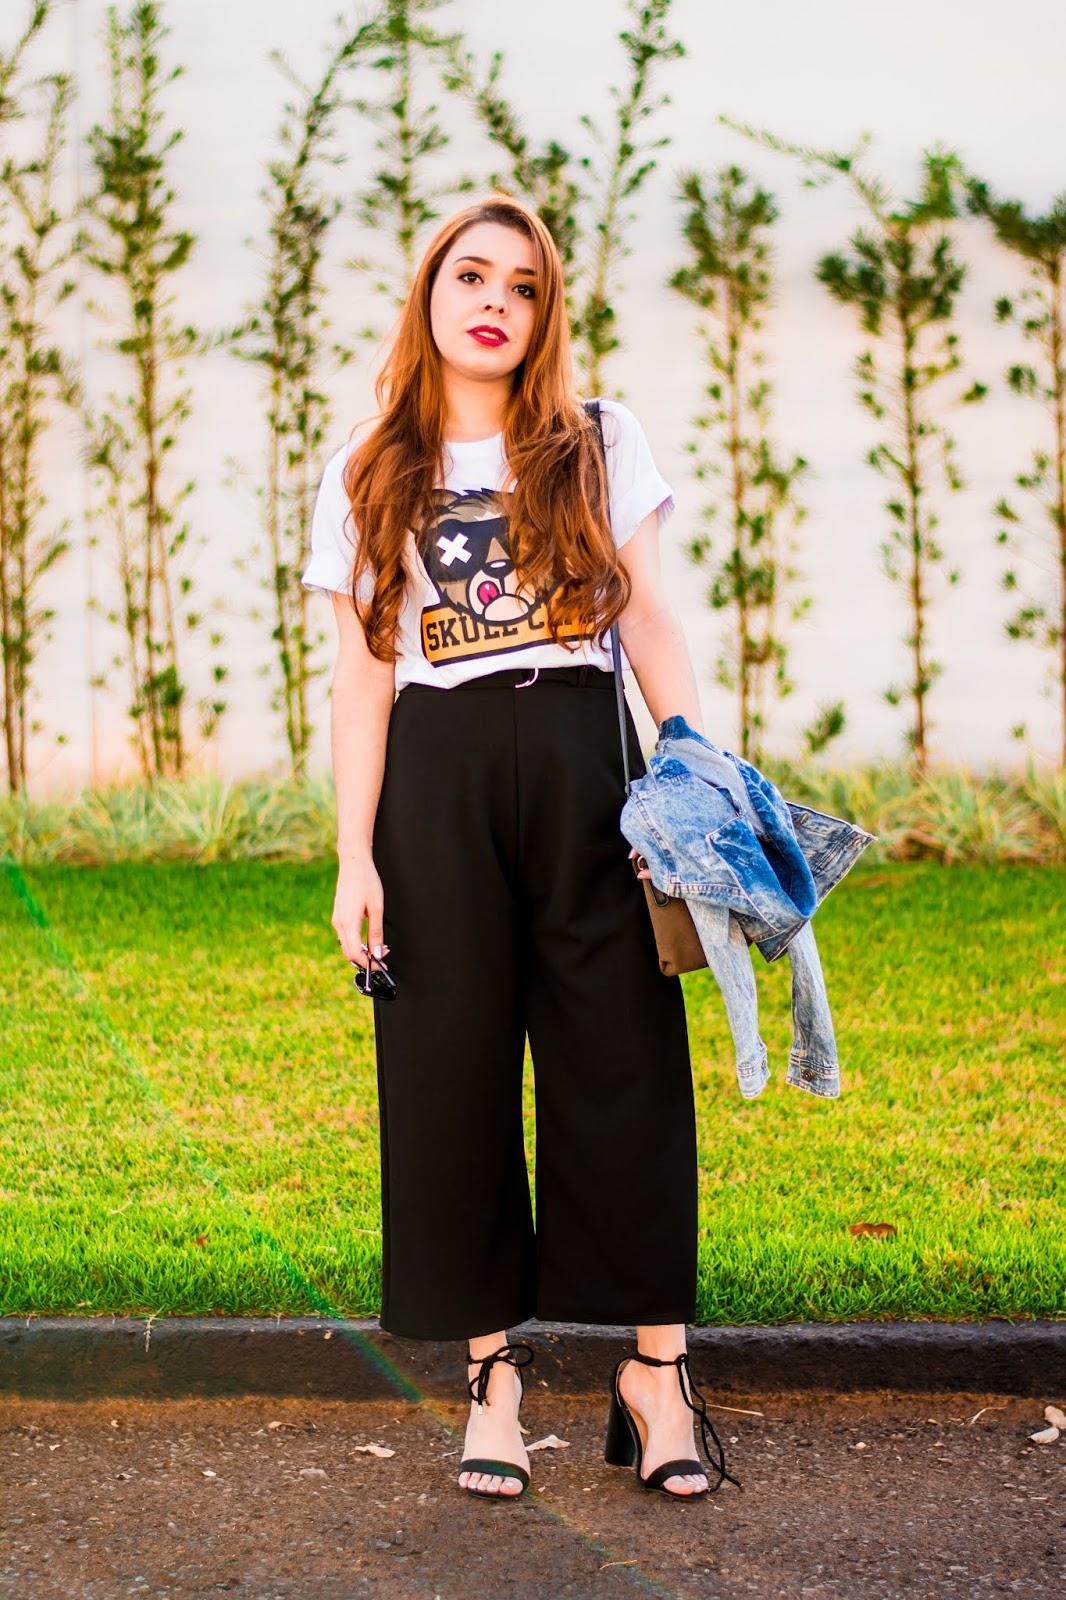 Look do Dia: T-Shirt Branca com estampa da loja Skull + Pantacourt preta + Jaqueta Jeans e Salto